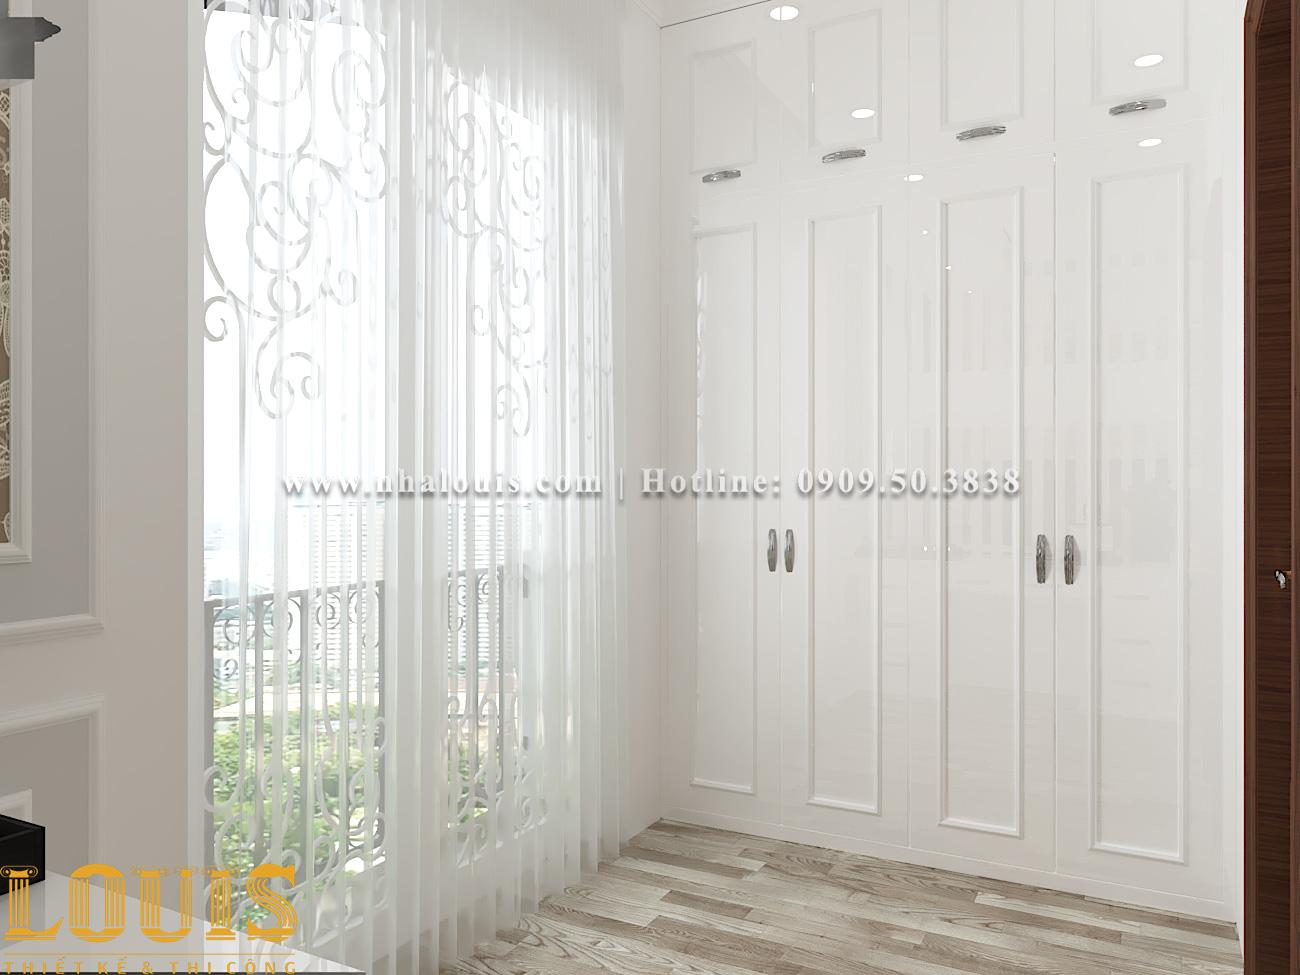 Phòng ngủ Mẫu nhà ống tân cổ điển 4 tầng tại Gò Vấp đẹp sang chảnh - 30